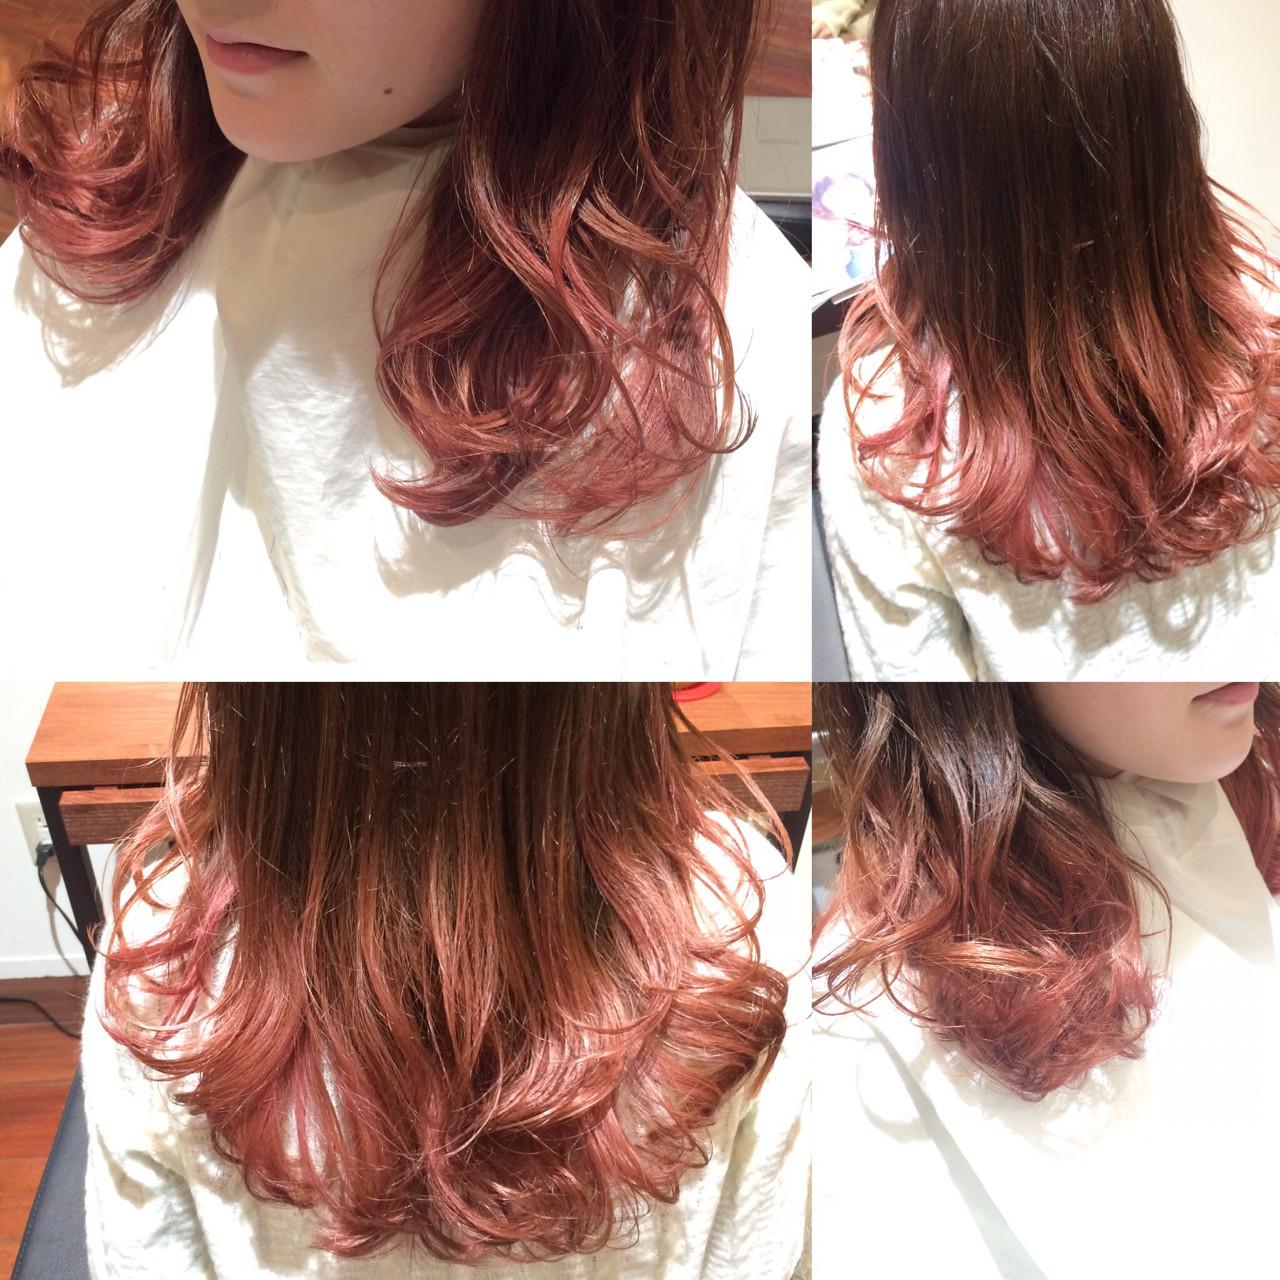 髪、切る前に遊んでみない?毛先○cmの春色ピンクがマンネリ気分にサヨナラを告げる♡ 藤山将太